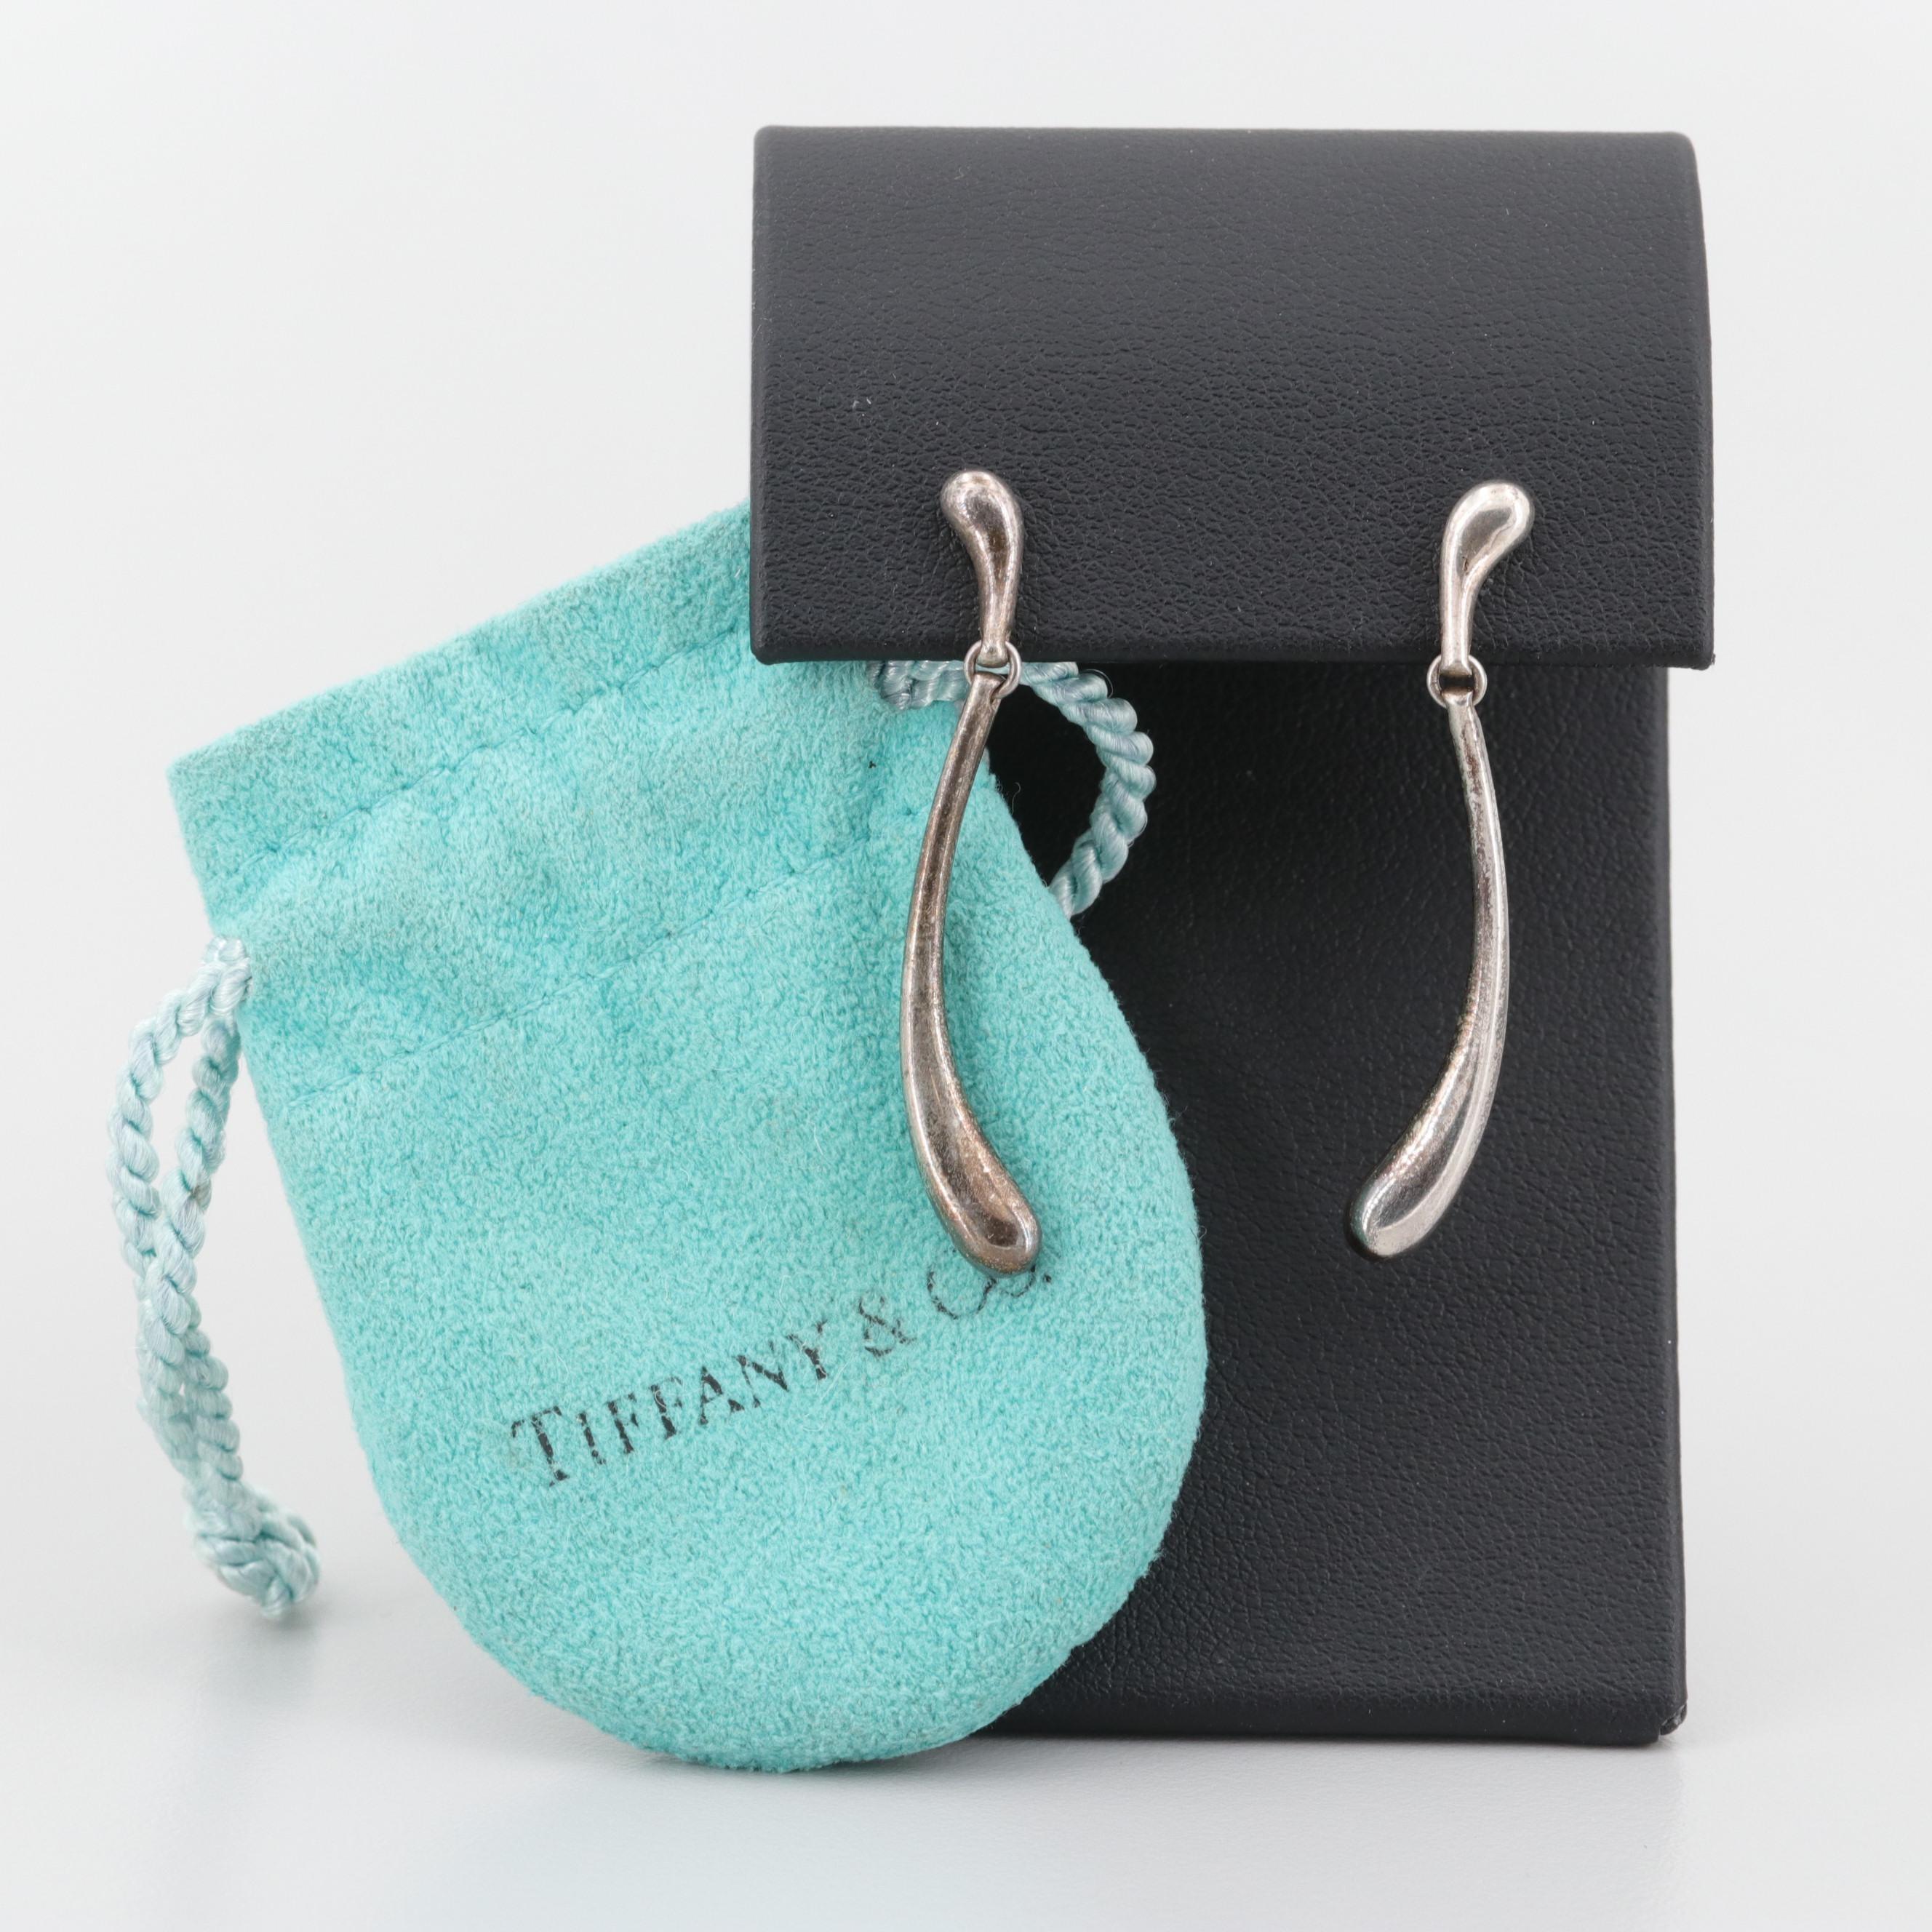 Tiffany & Co. Elsa Peretti Sterling Silver Earrings